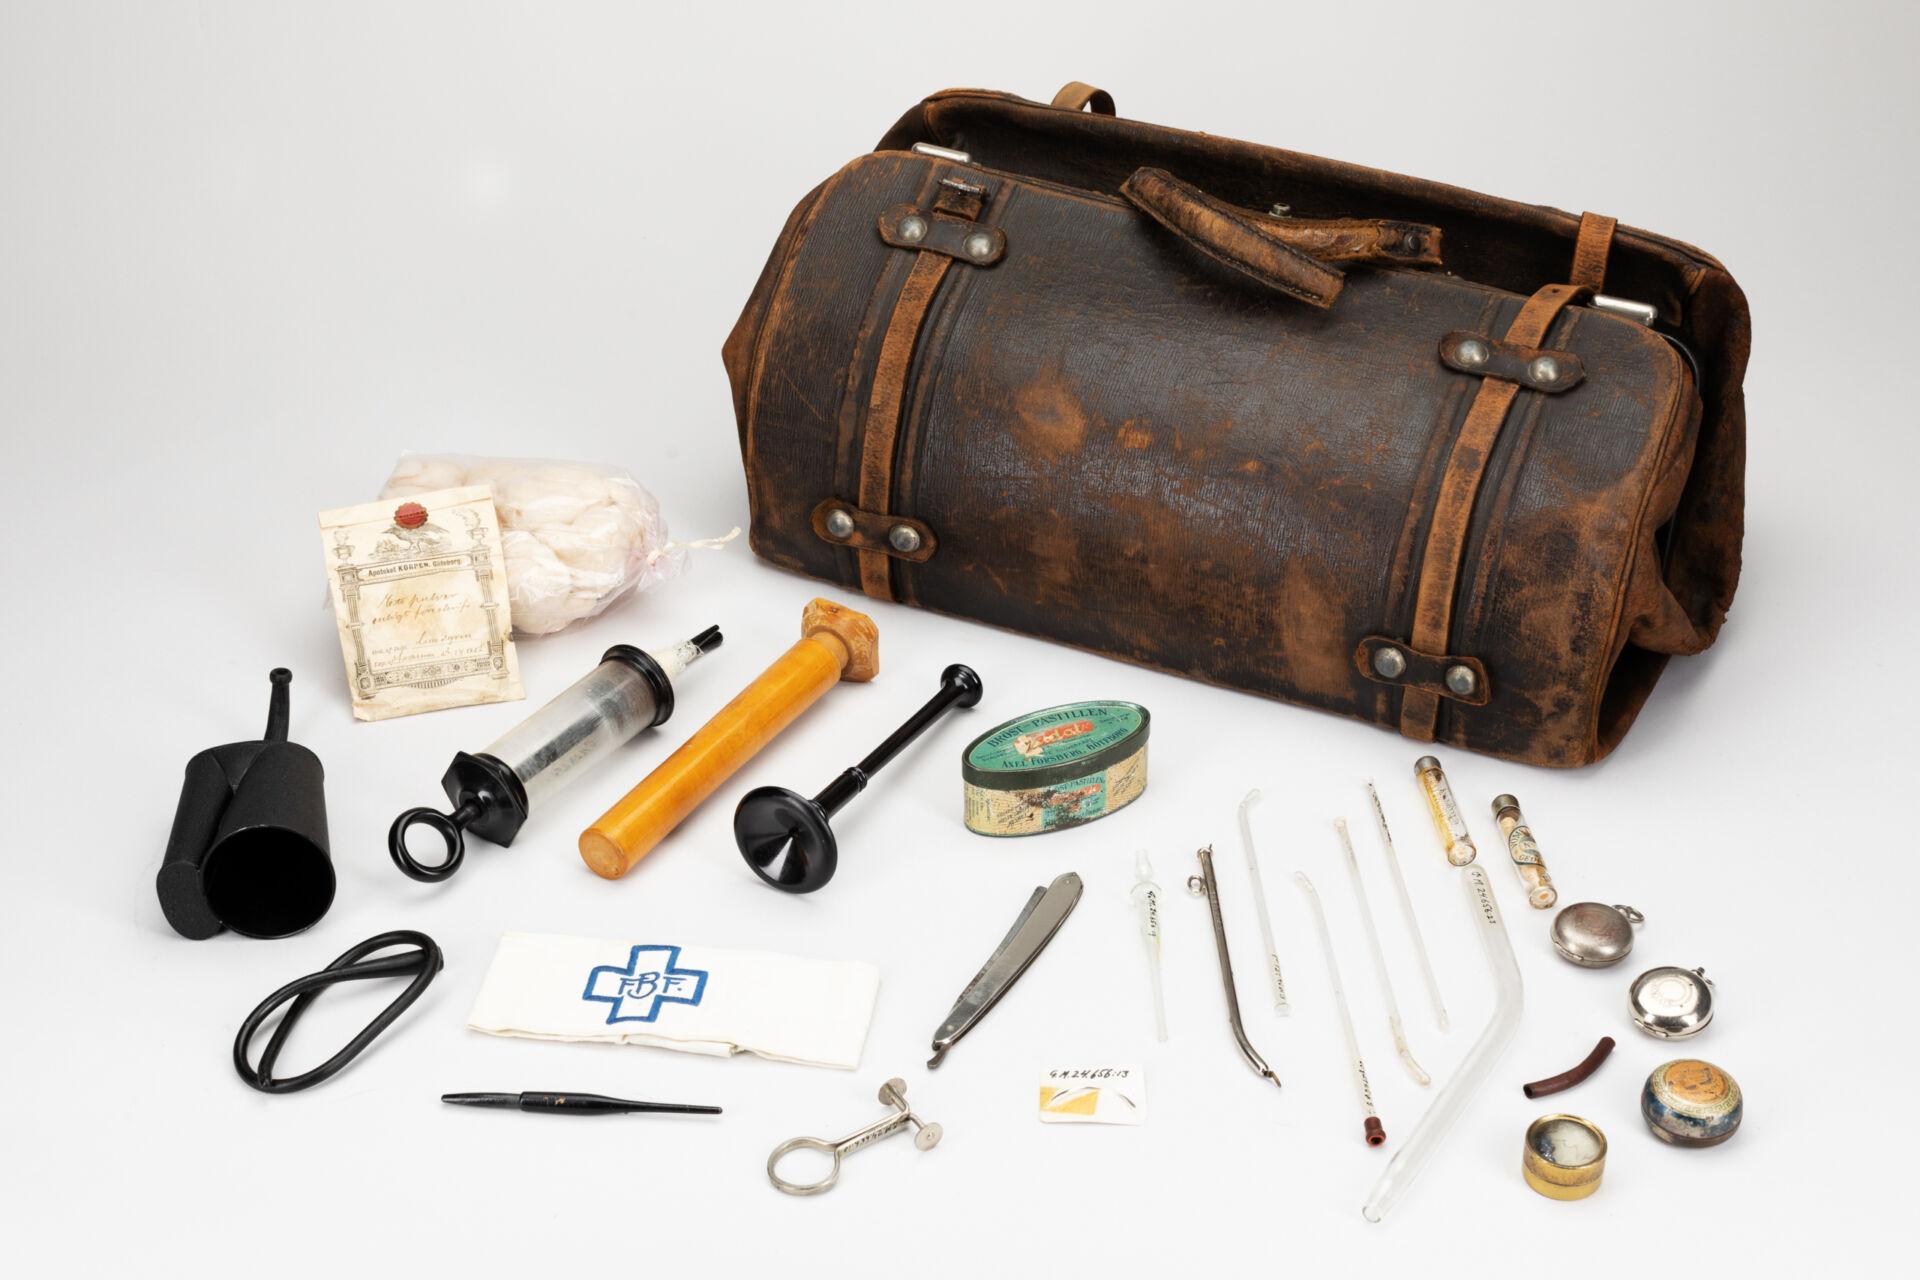 En gammal skinnväska. I förgrunden en mängd verktyg avsedda för barnmorskor. Spruta, armbindel, fetvadd, pipett